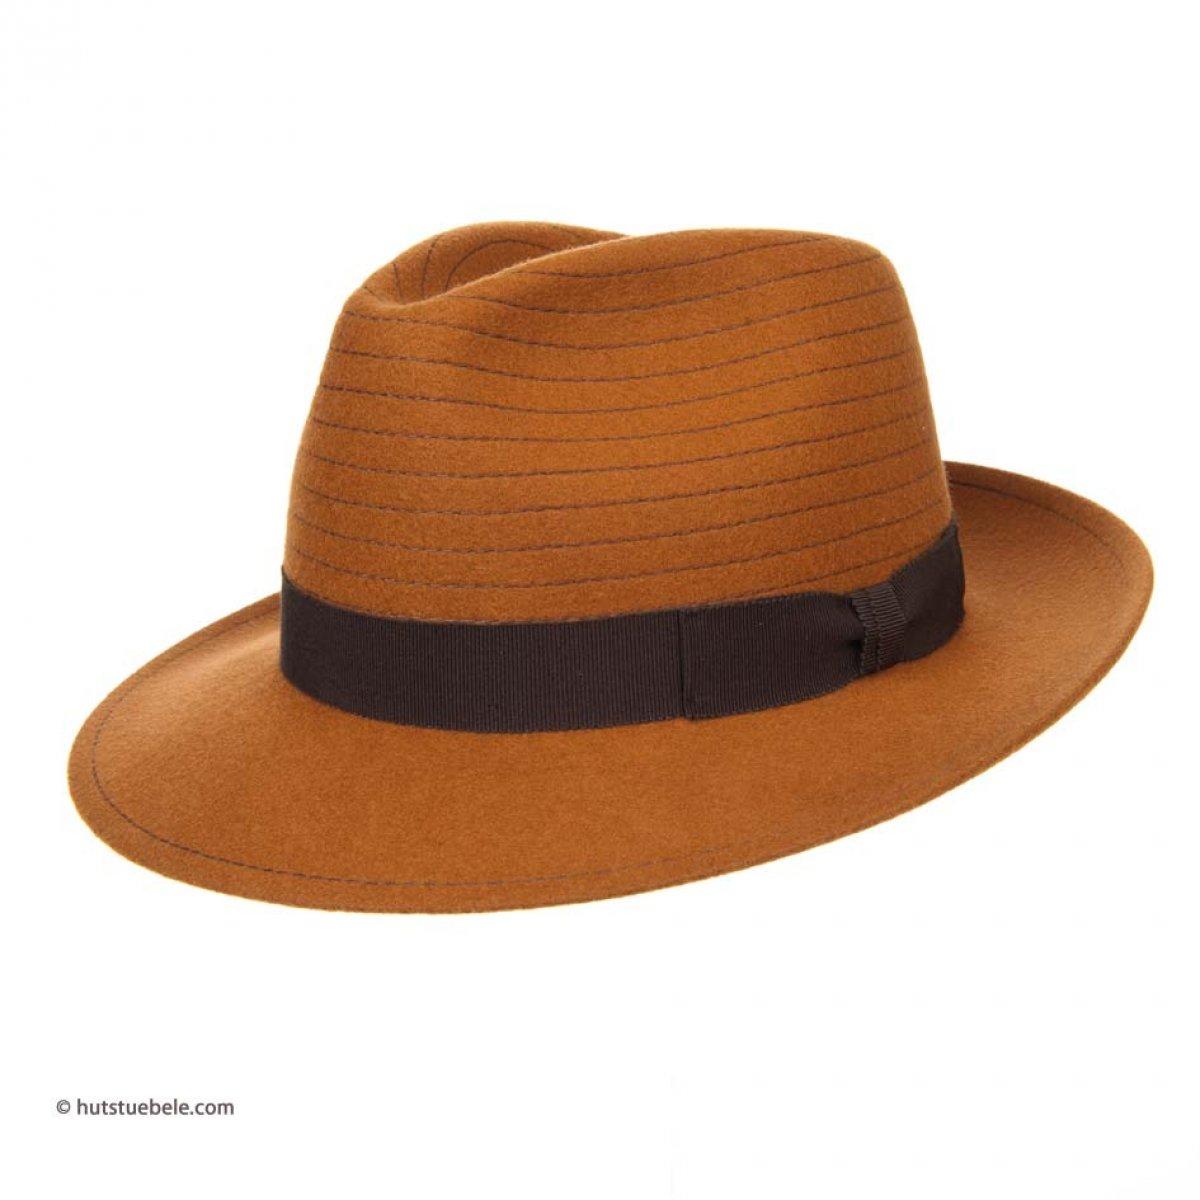 cappello da uomo by Mayser ... 993b42340020